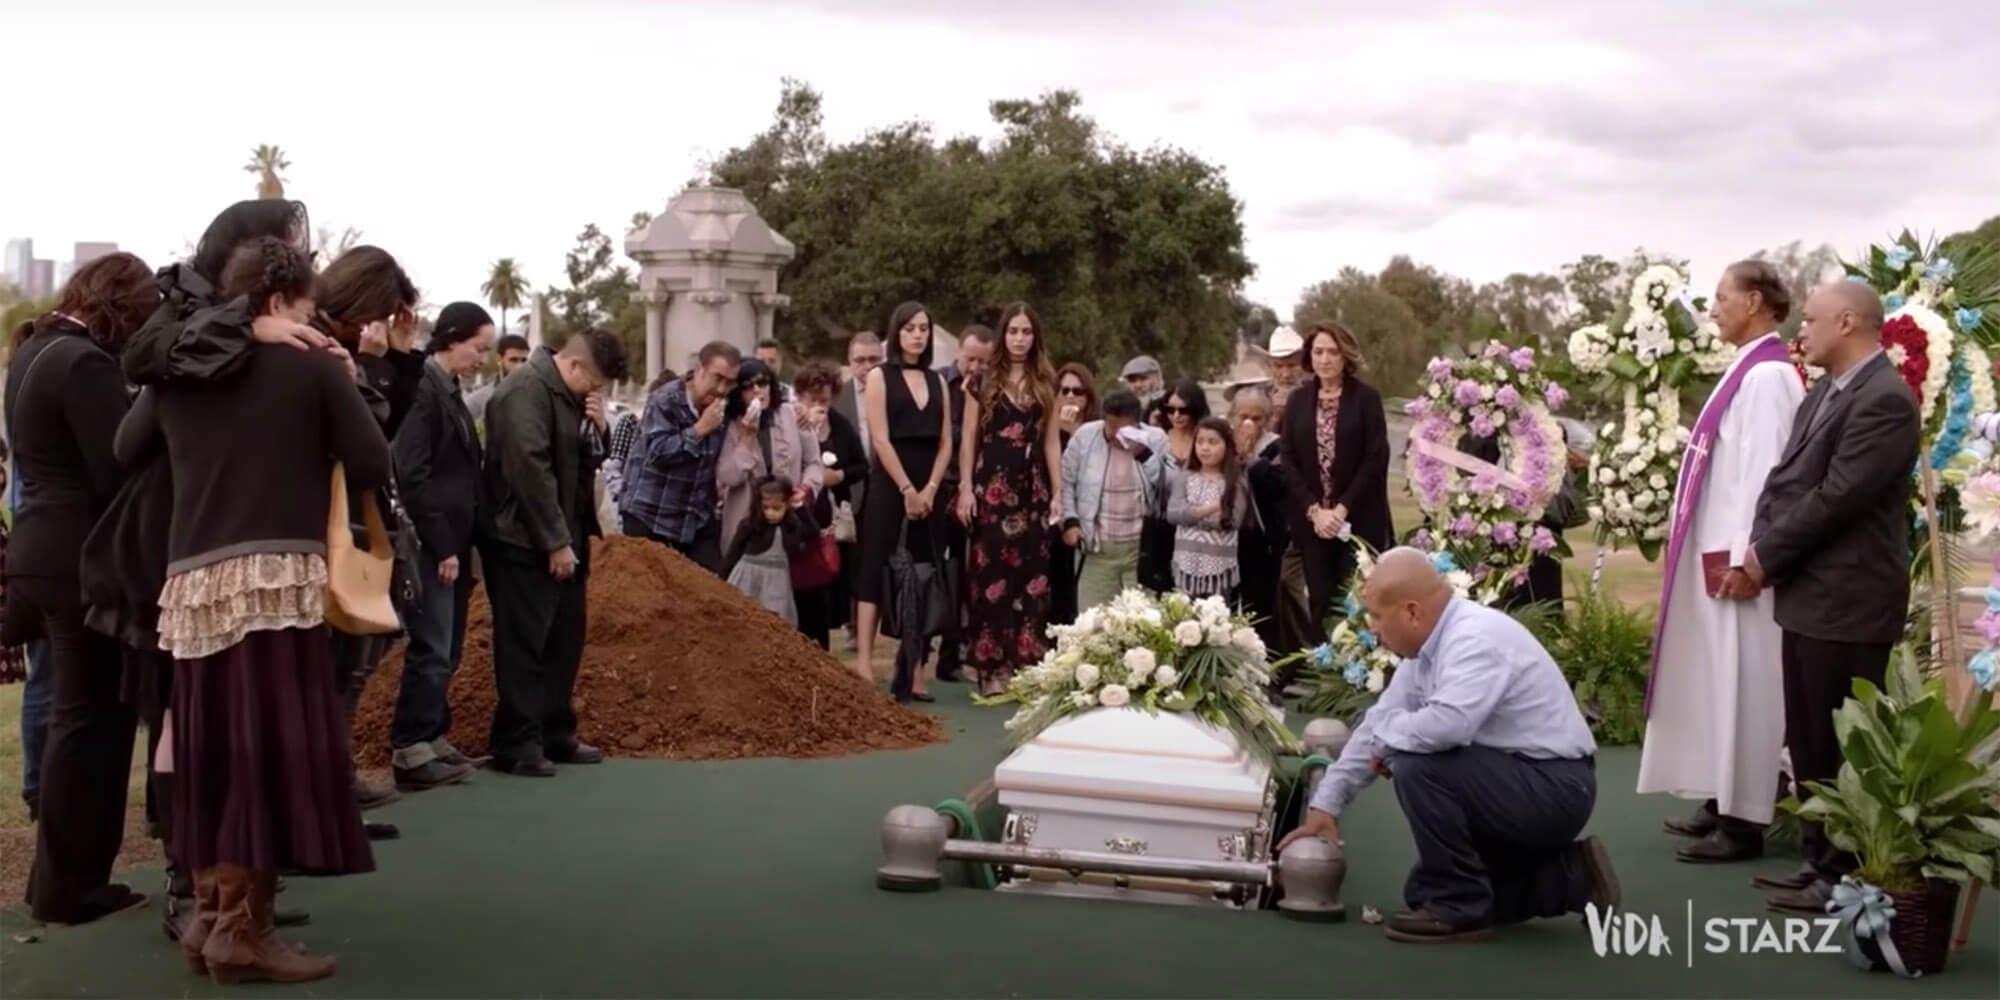 Vida Season 1 trailer